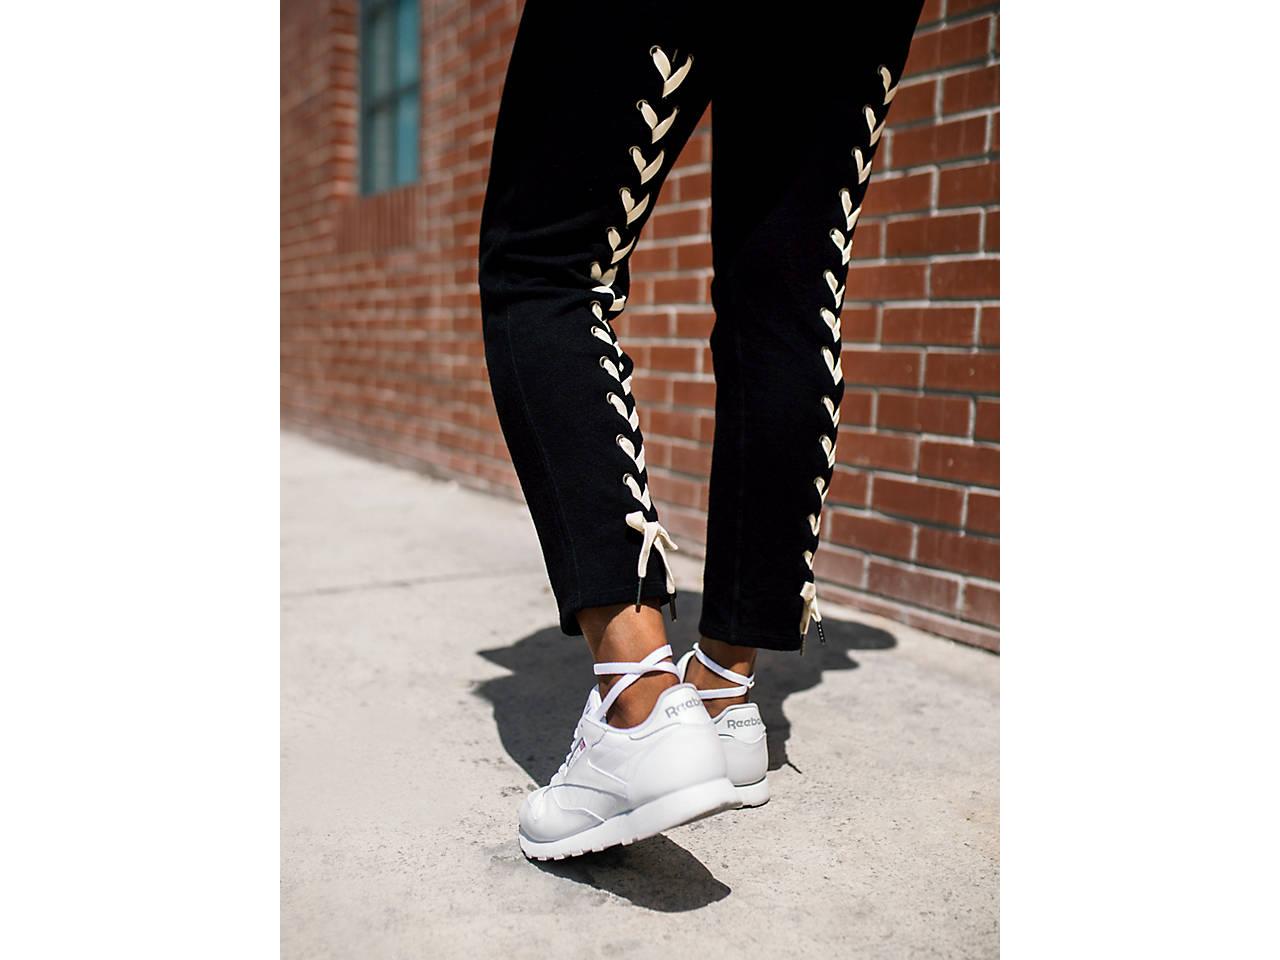 768ec912a65d Reebok Classic Leather Sneaker - Women s Women s Shoes